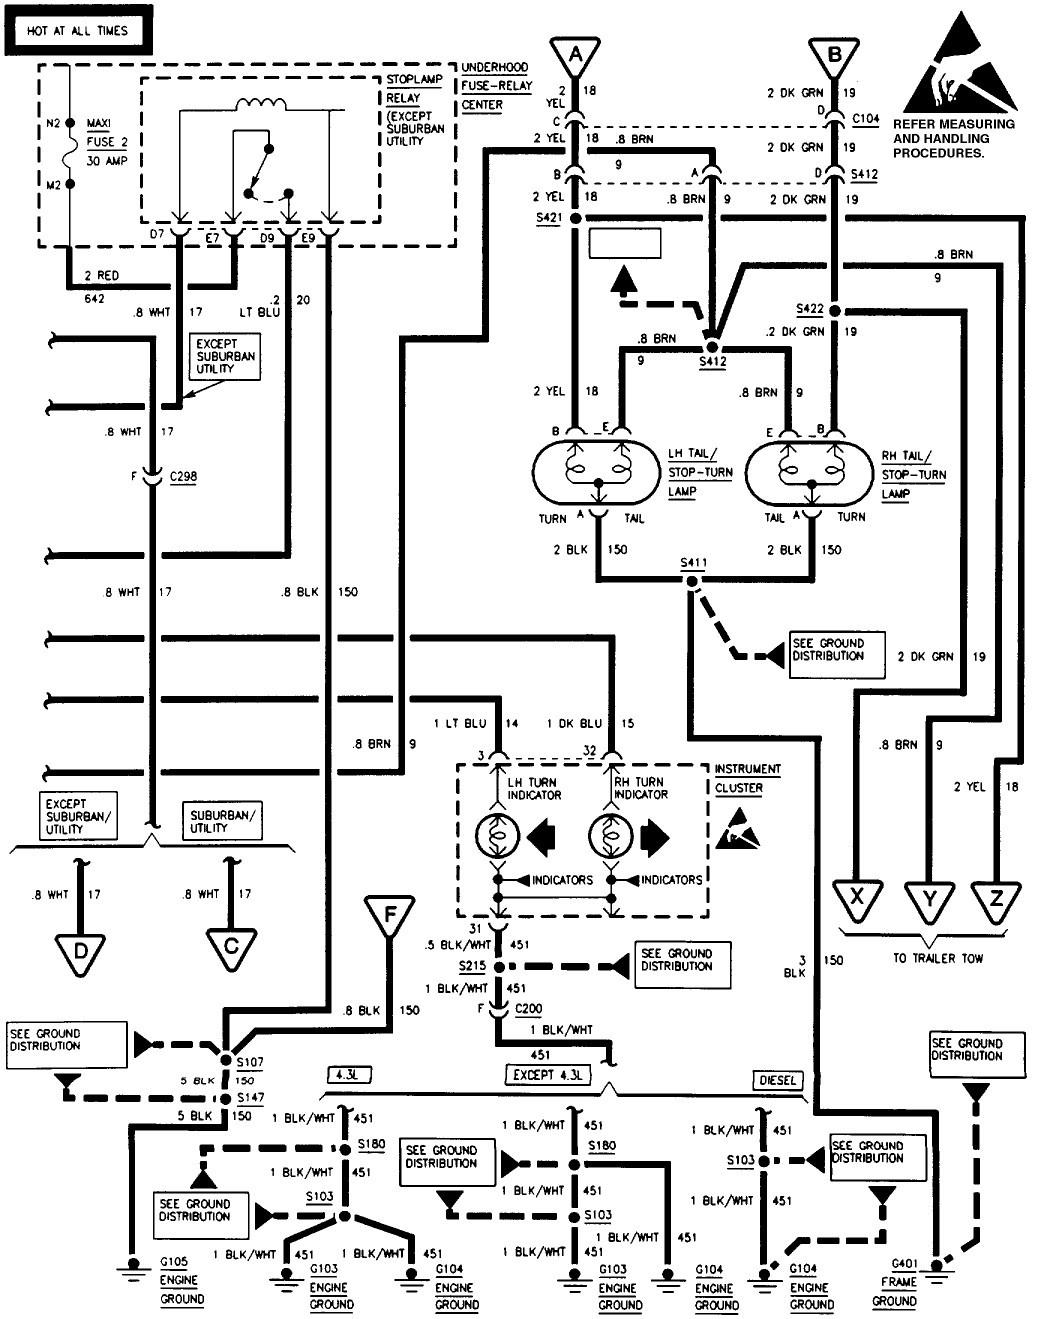 Brake Light Wiring Diagram 1994 Gmc Sierra 97 Tail Free Download - 1994 Chevy Truck Brake Light Wiring Diagram